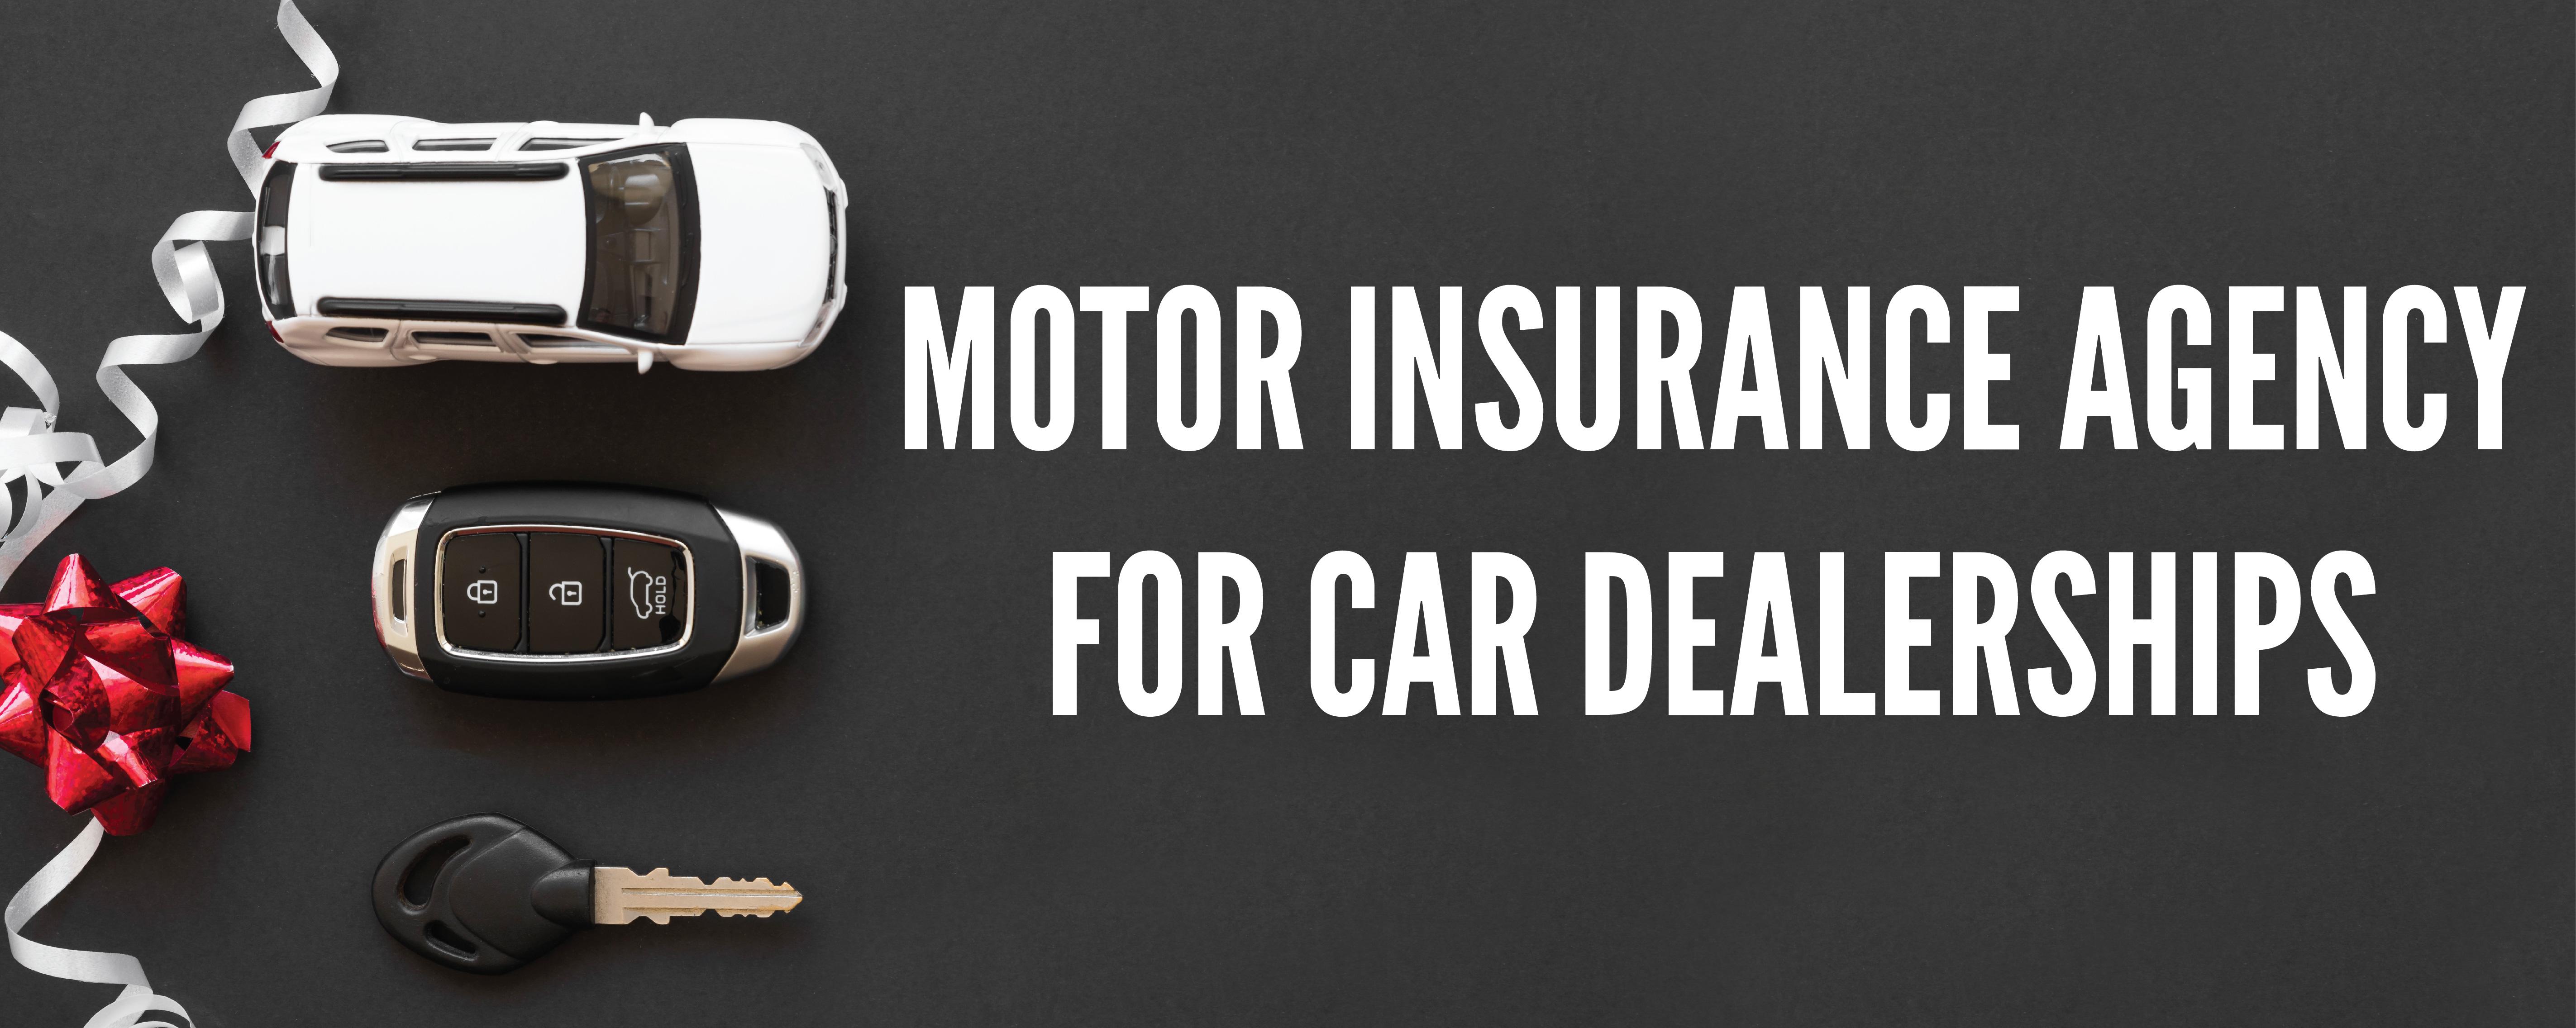 Motor insurance agency for Car Dealerships